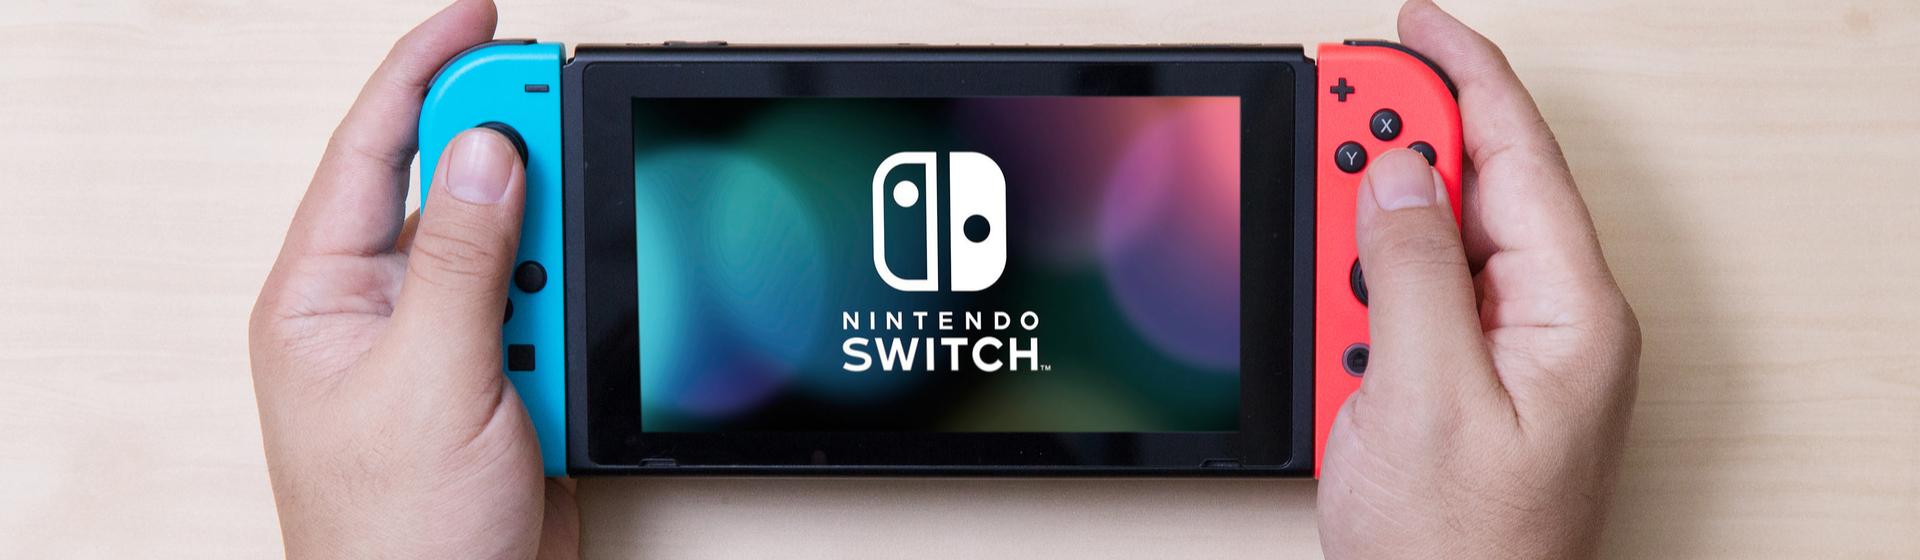 Novo Nintendo Switch pode ter lançamento em 2021, indica rumor